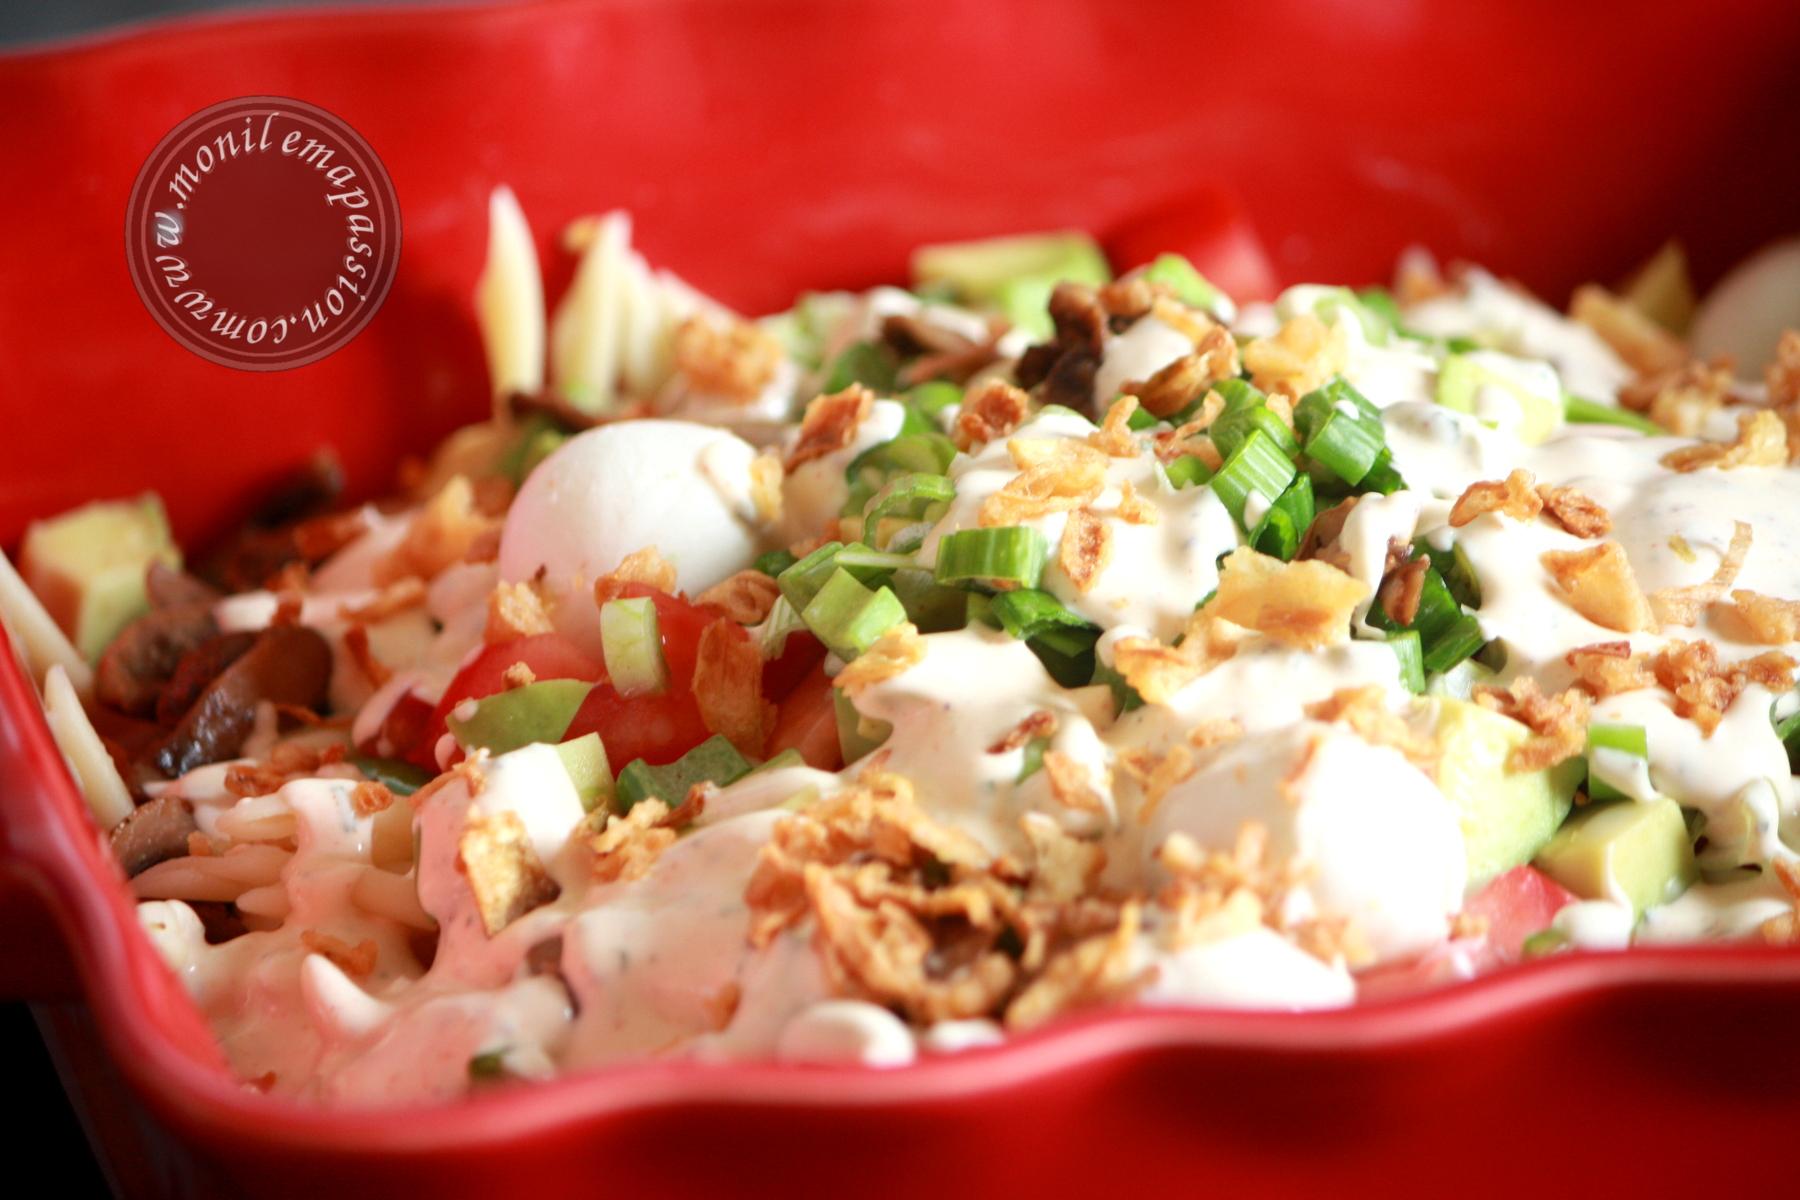 Salade de Pâtes Sauce Ranch – Pasta Salad and Ranch Dressing